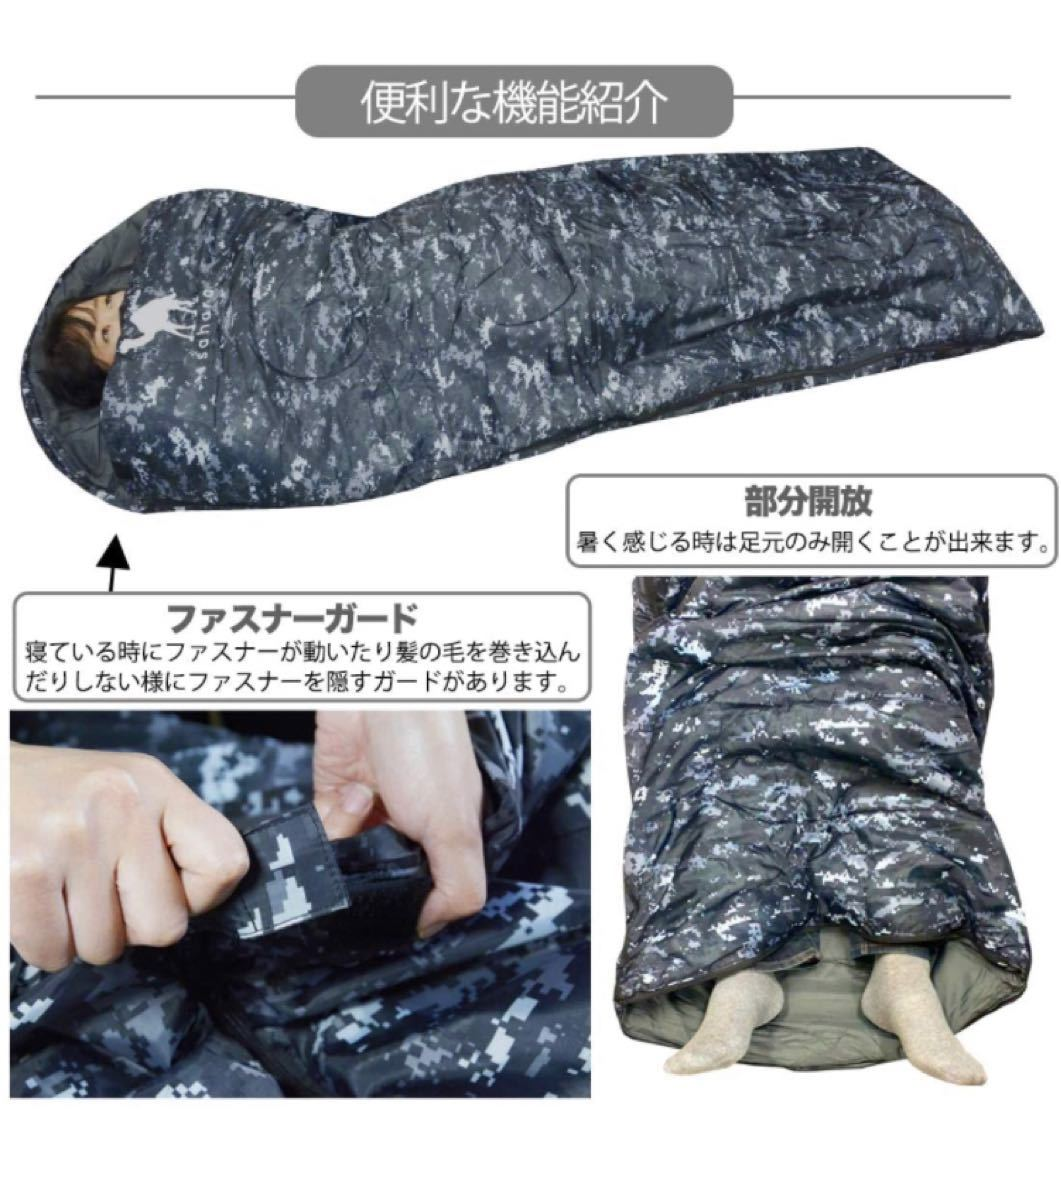 寝袋 2個セット シュラフ 封筒型 デジタル迷彩 車中泊 最低使用温度 -15℃